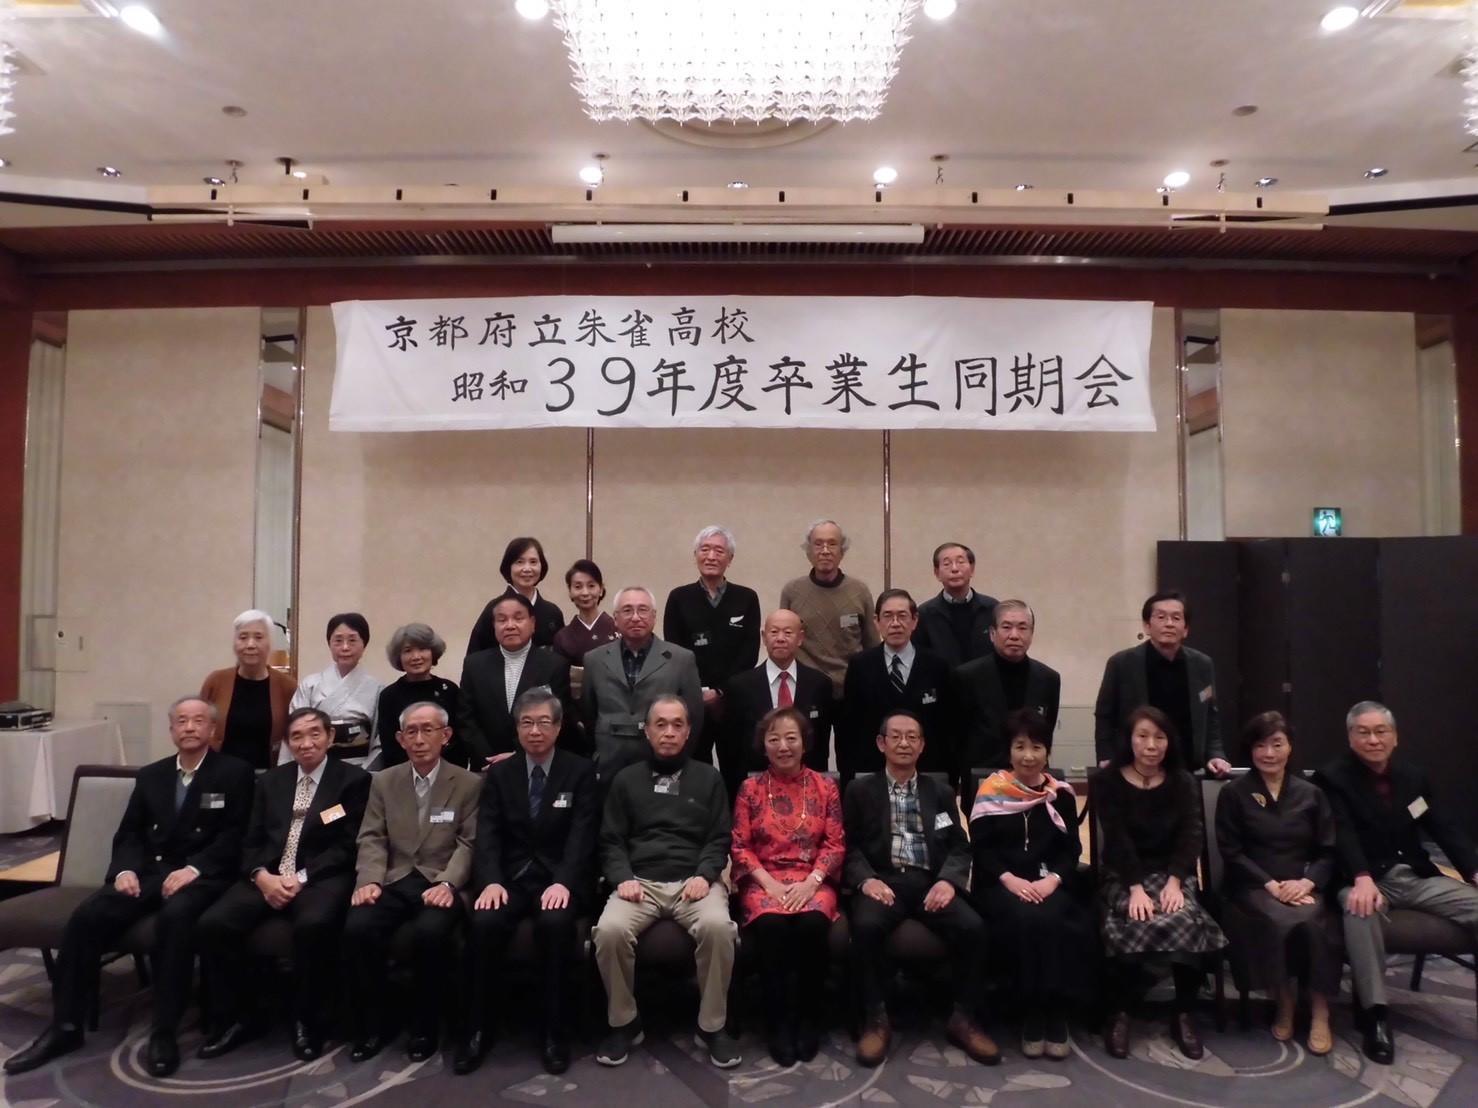 http://www.kyoto-be.ne.jp/suzaku-hs/mt/dousoukai/images/image2.jpeg